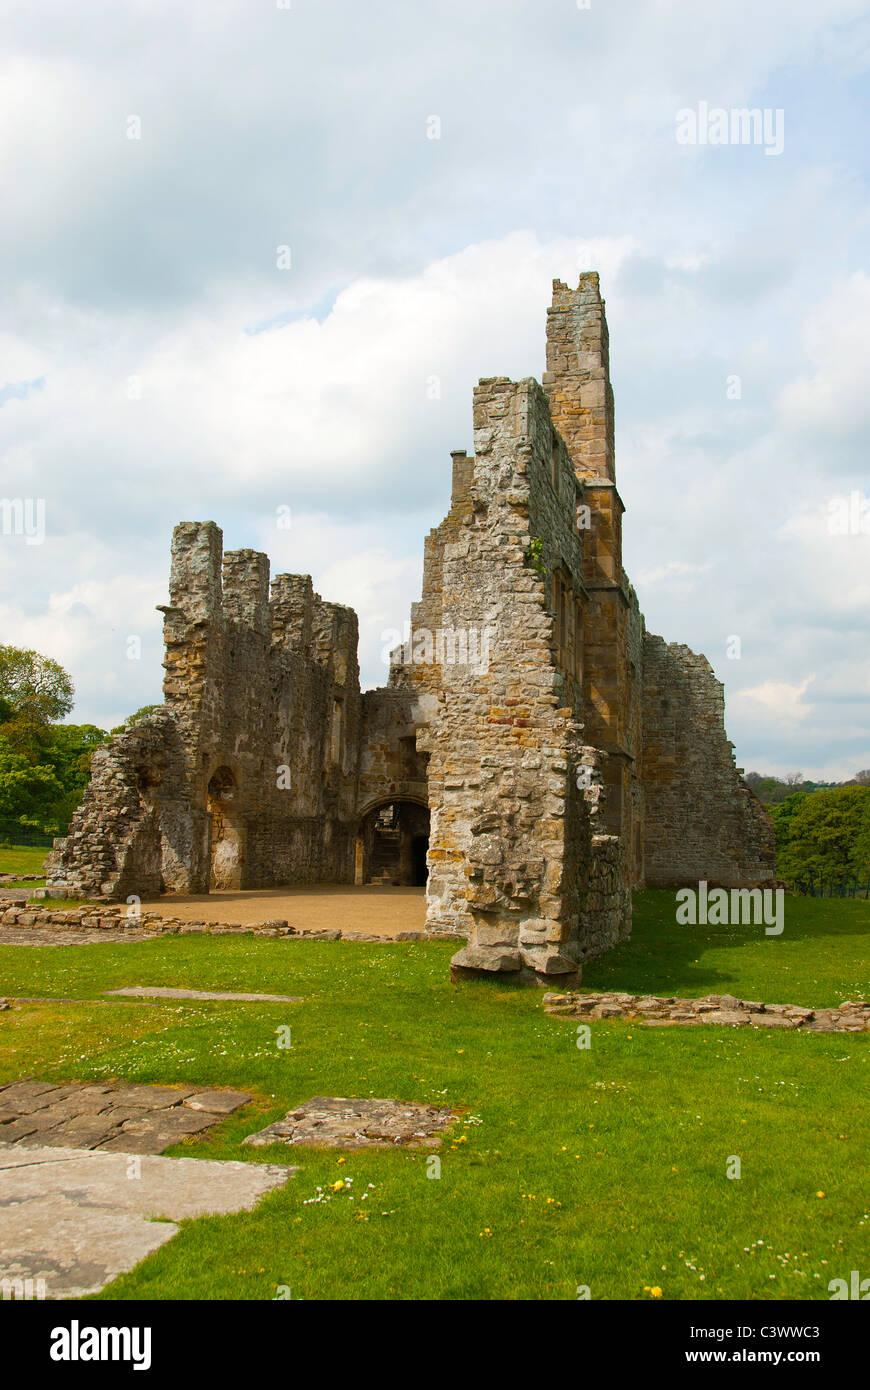 Egglestone Abbey - Stock Image